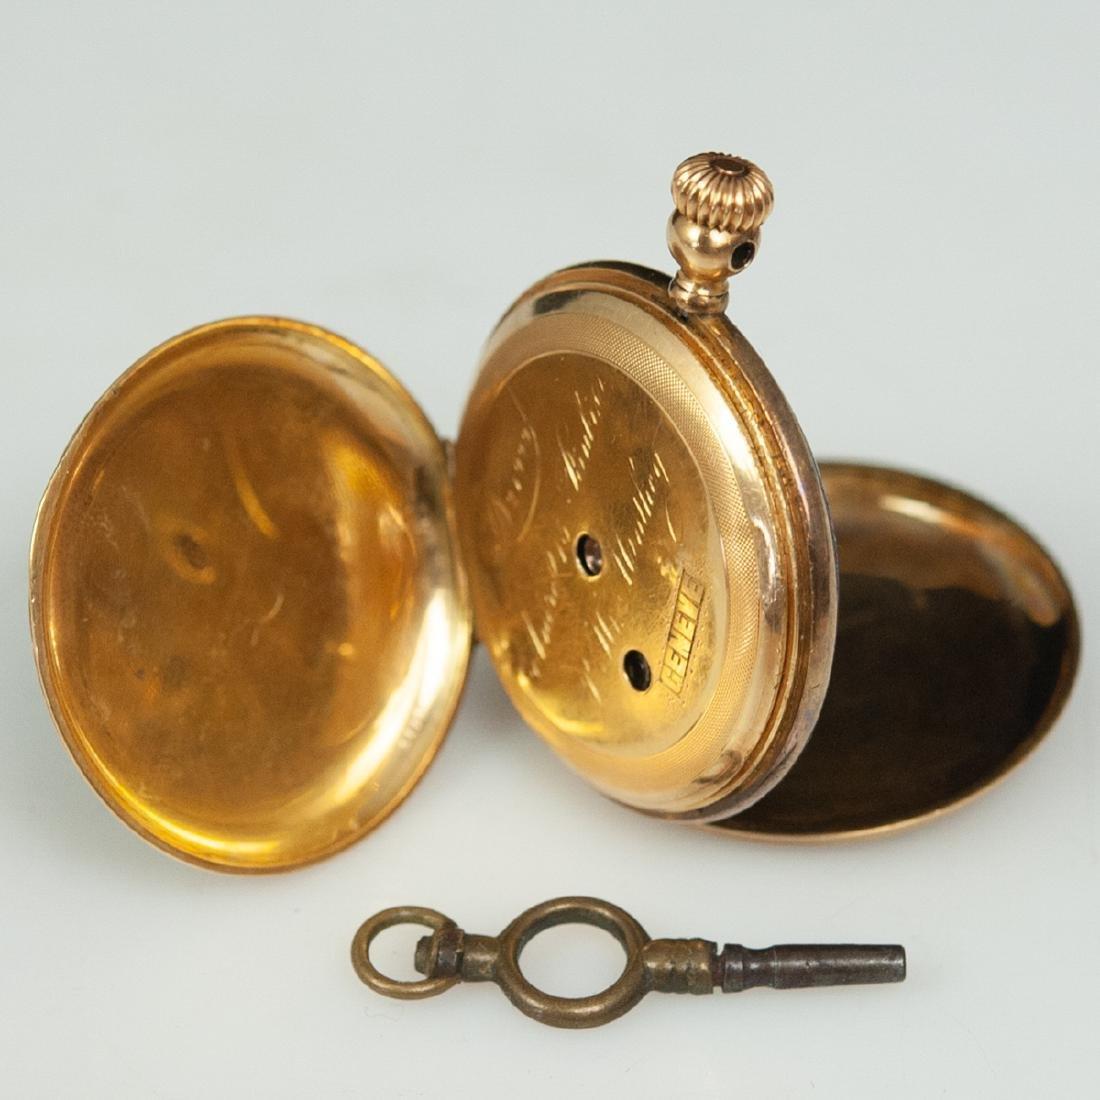 Swiss 18kt Gold Enameled Pocket Watch - 3